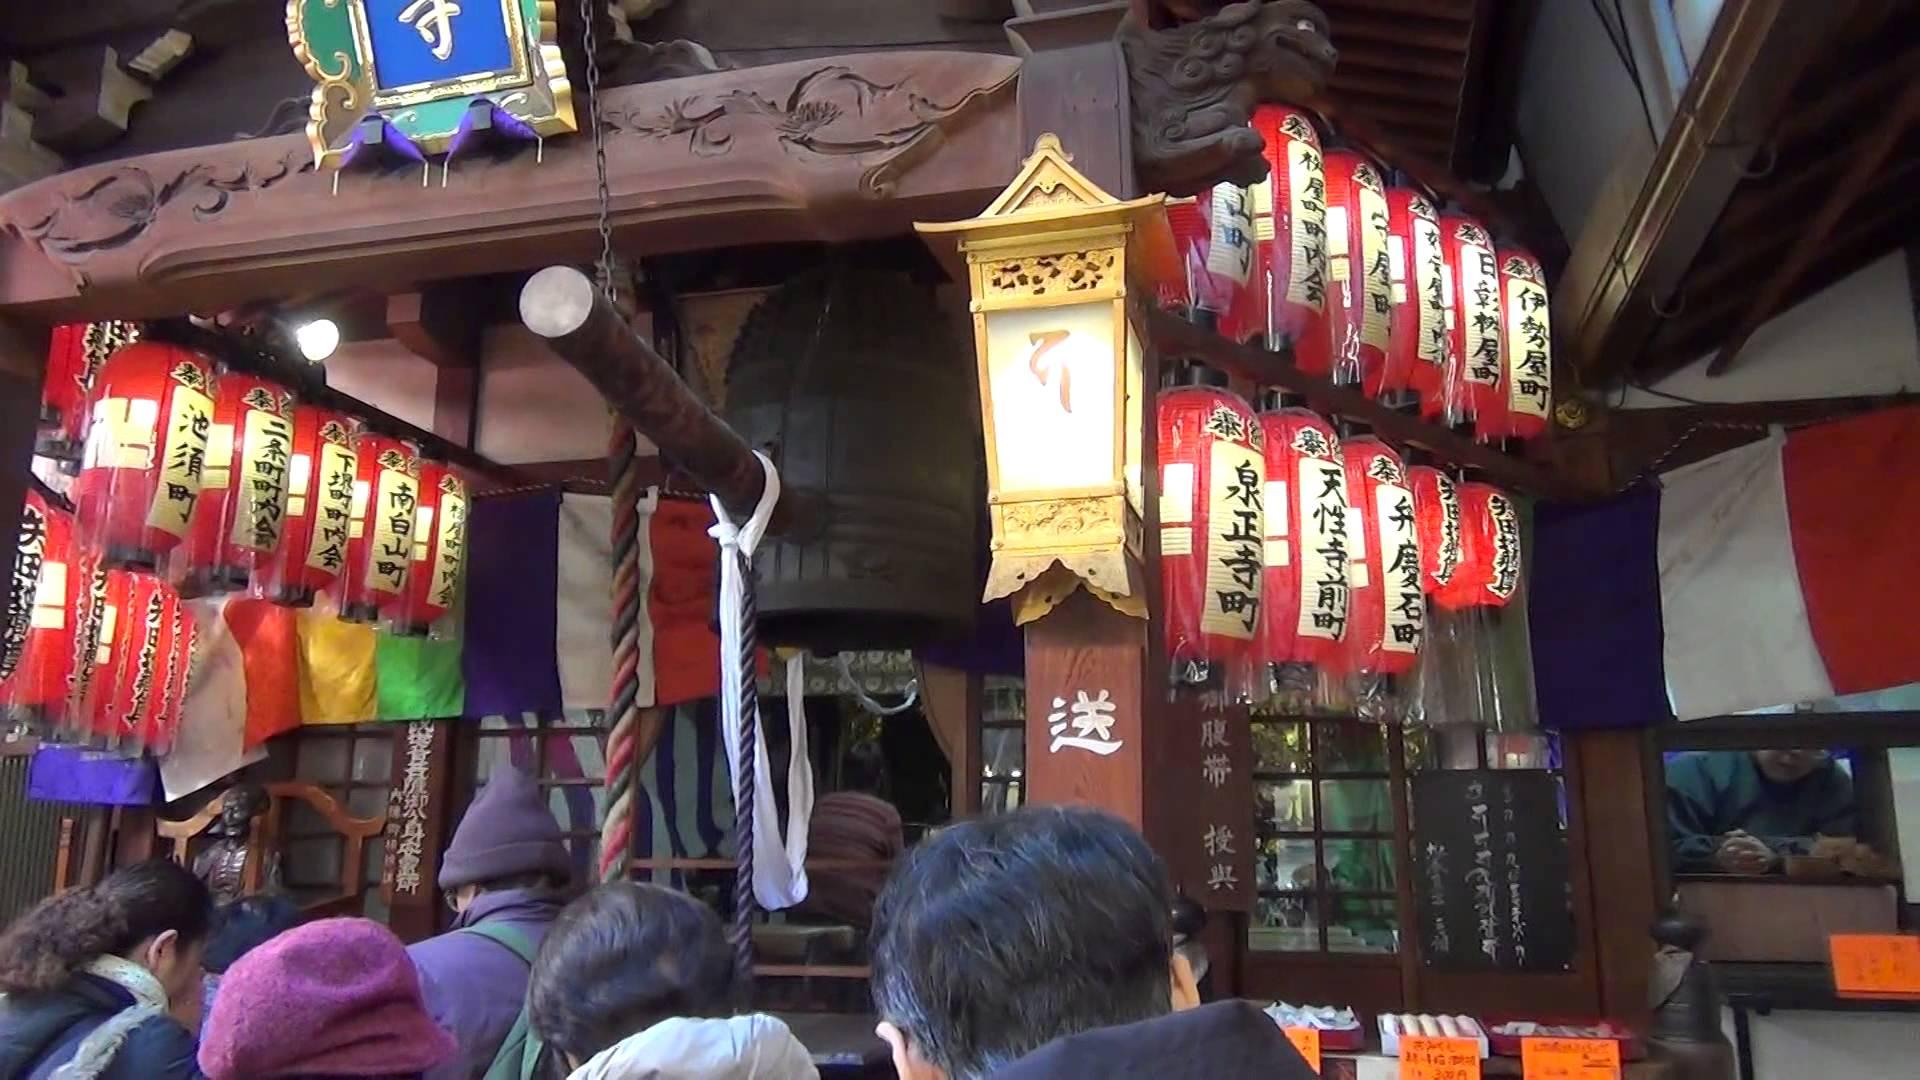 矢田寺「かぼちゃ供養」で長蛇の行列を克服して、いただいたかぼちゃ煮の味